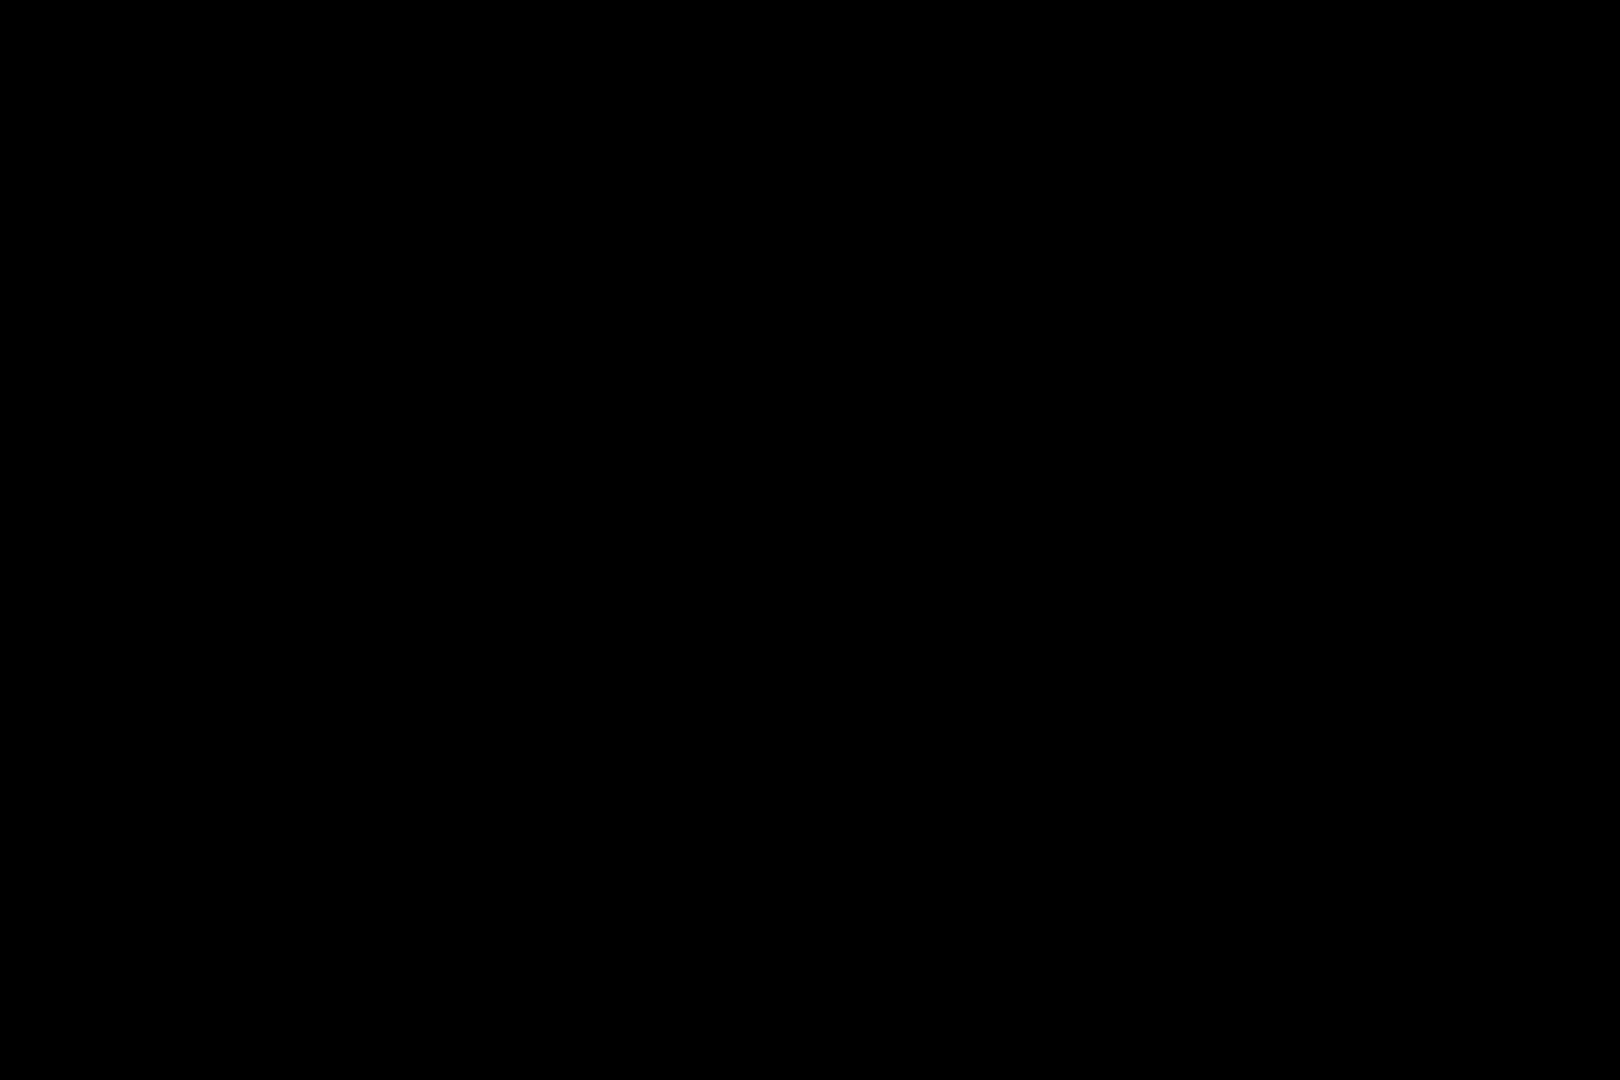 充血監督の深夜の運動会Vol.24 フェラ スケベ動画紹介 57PIX 56